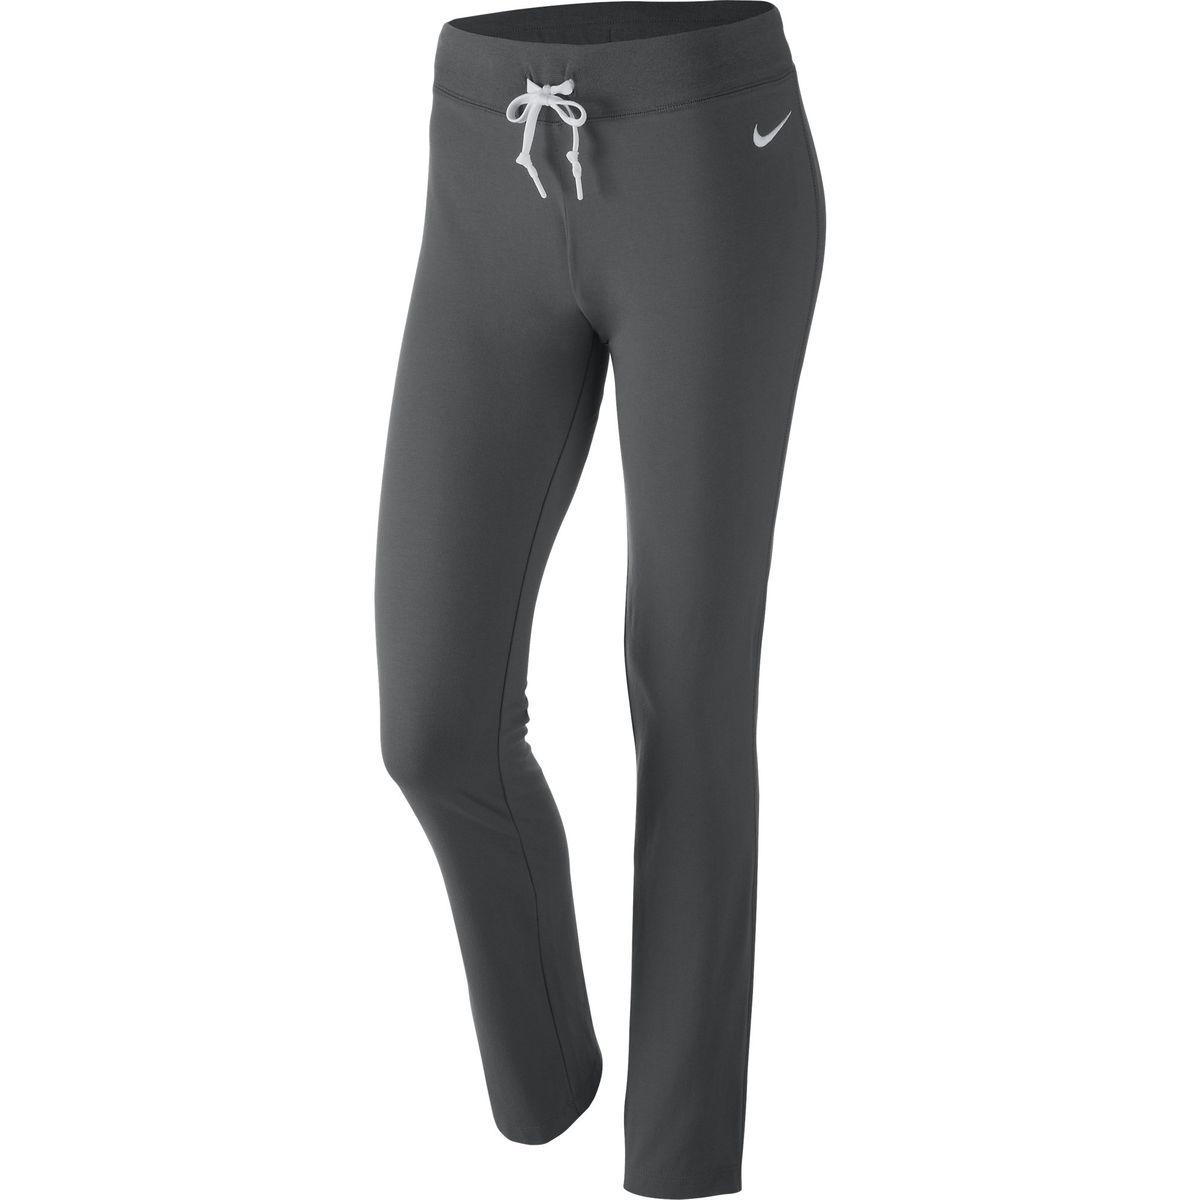 Брюки спортивные614920-010Длинные черные спортивные брюки на завязках. Имеют прямой крой и классический дизайн, что делает их универсальными и коомфортными. Благодаря немного свободному крою совершенно не сковывают движения, при этом достойно подчеркивают фигуру. Модель состоит из хлопка, что обеспечивает приятную носку. Пожходят как для тренировок, так и для отдыха.